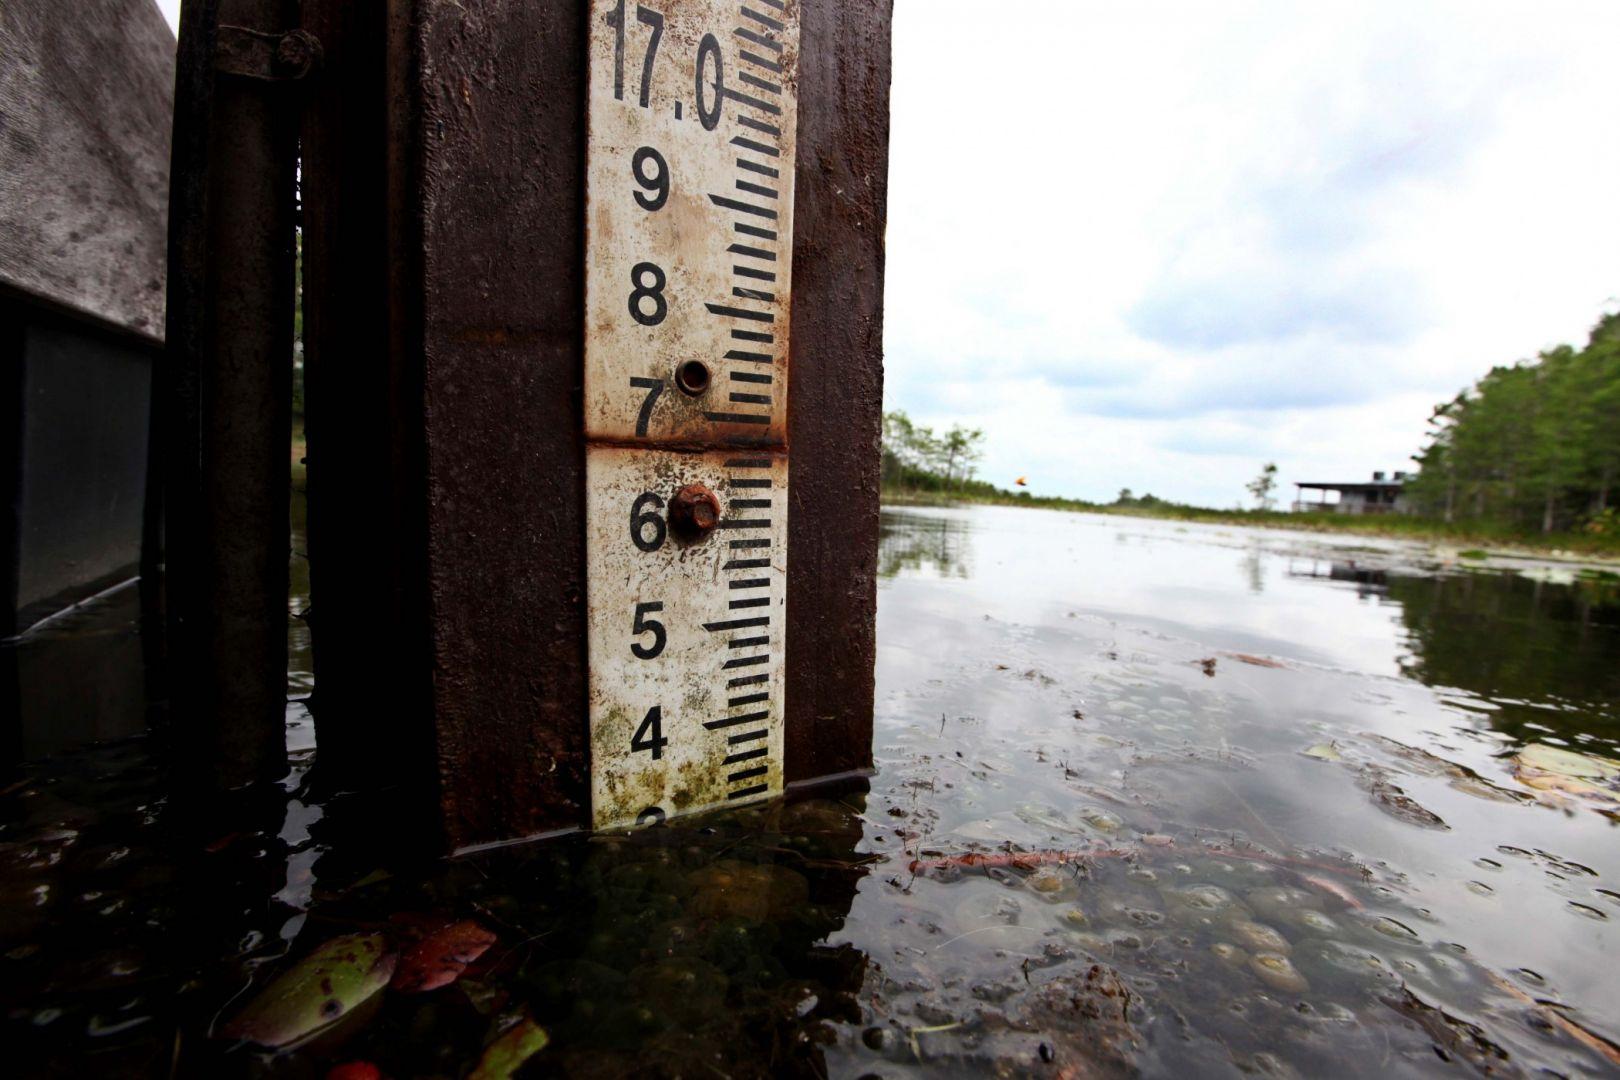 МЧС предупреждает о подъёме уровня воды в реках Ставропольского края